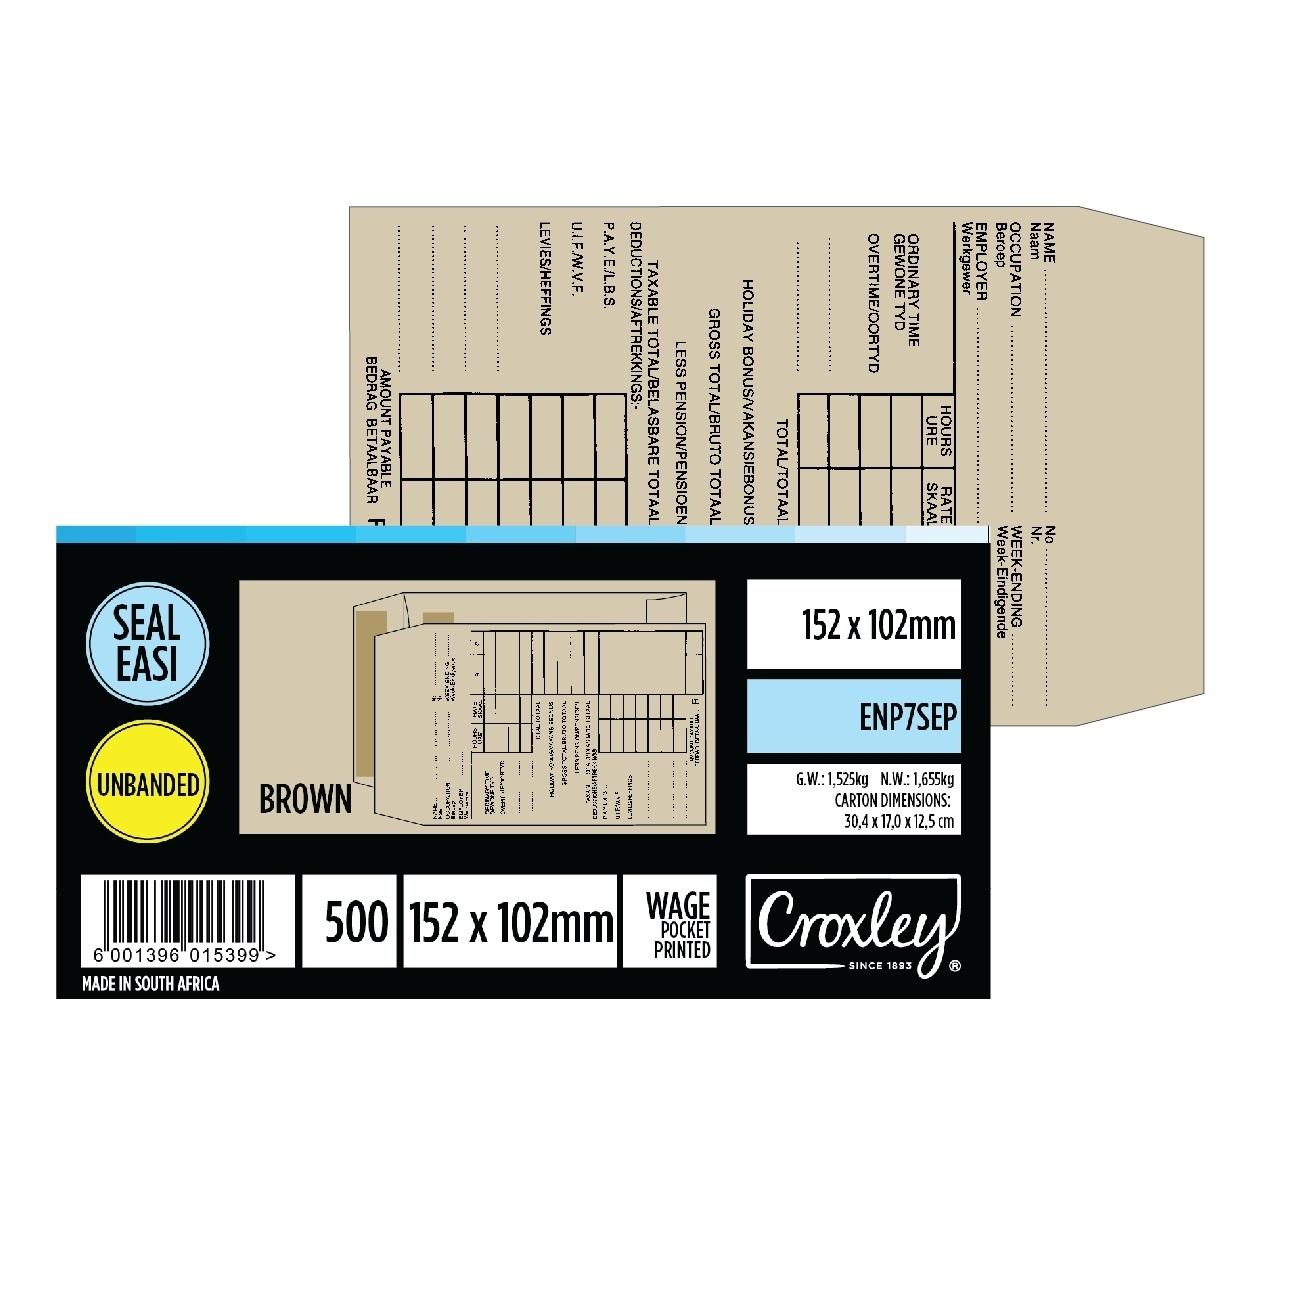 ENVELOPE WAGE POCKET PRINTED BOX OF 500